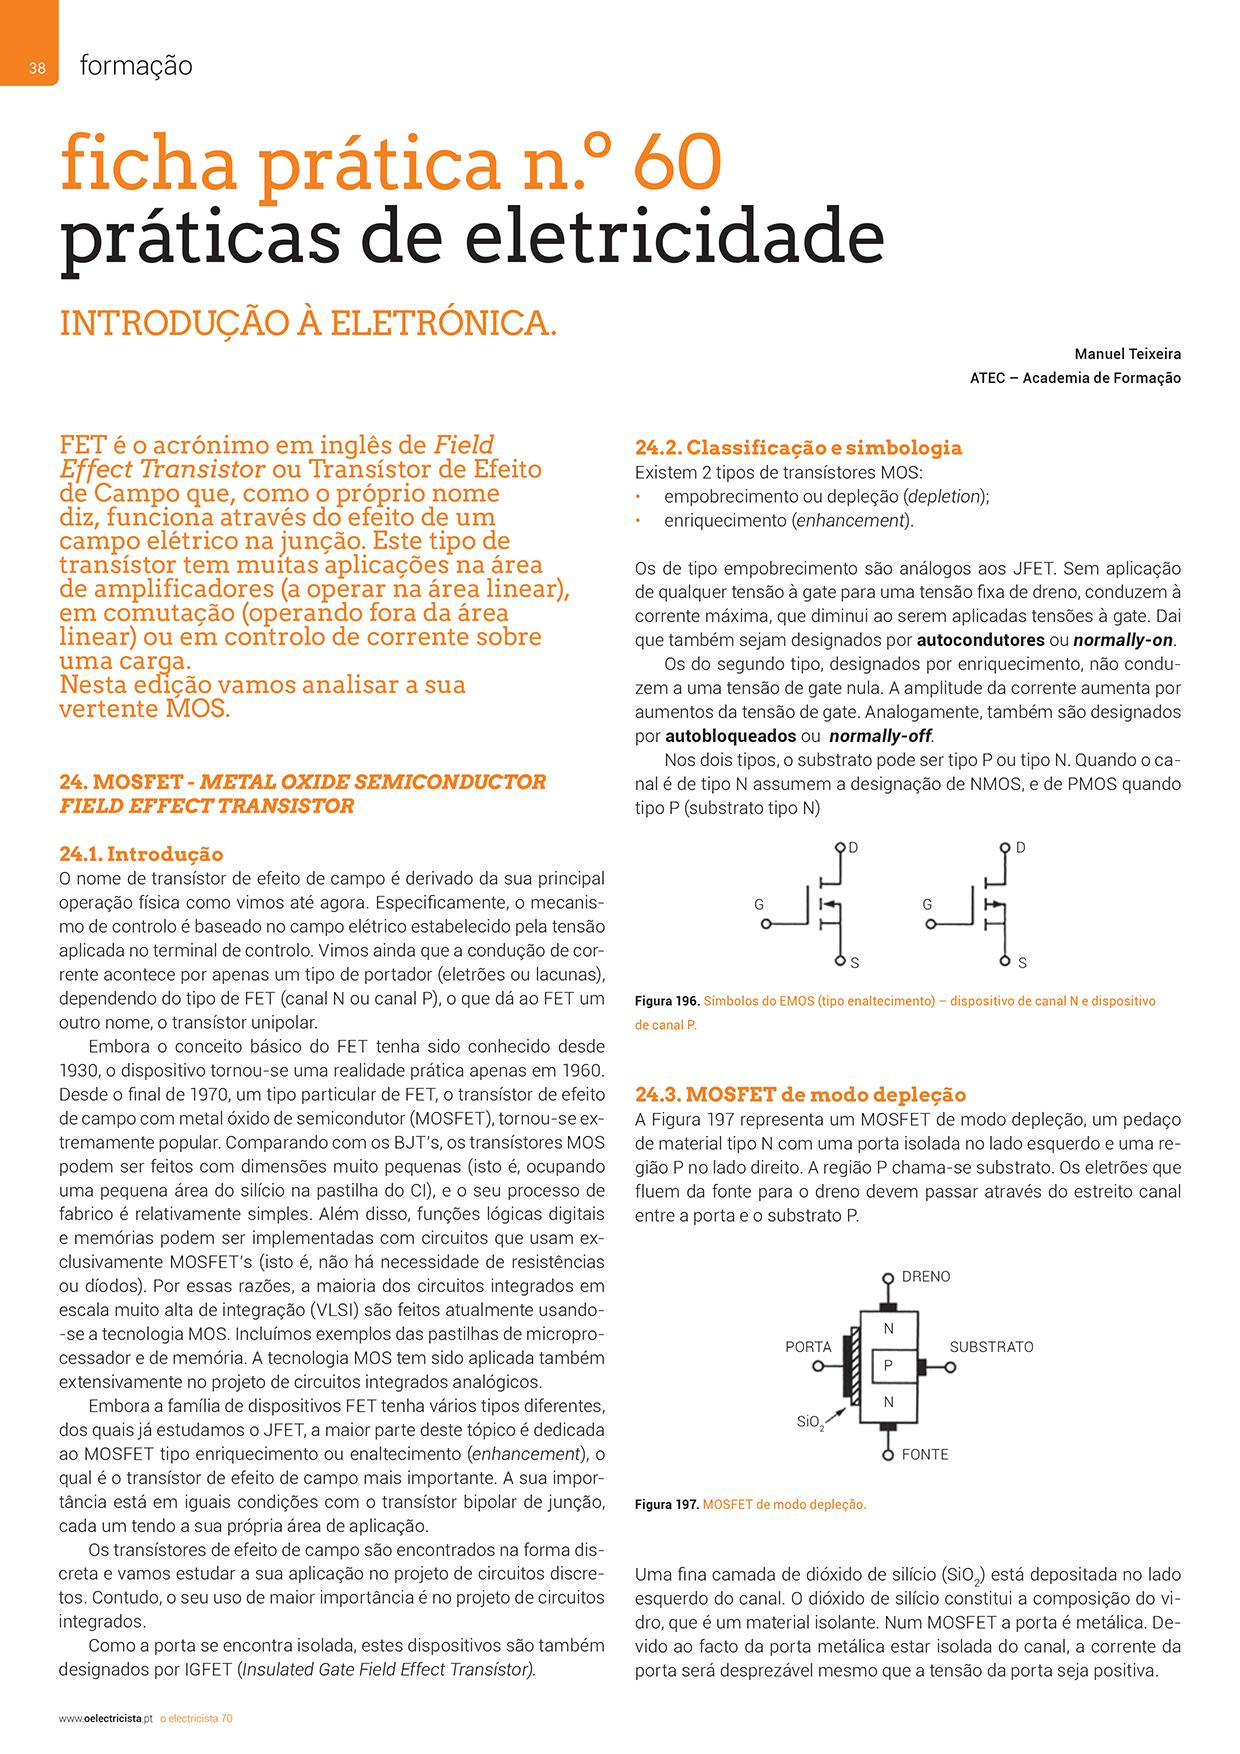 Artigo sobre ficha prática n.º 60: práticas de eletricidade - transístor (vertente MOS)